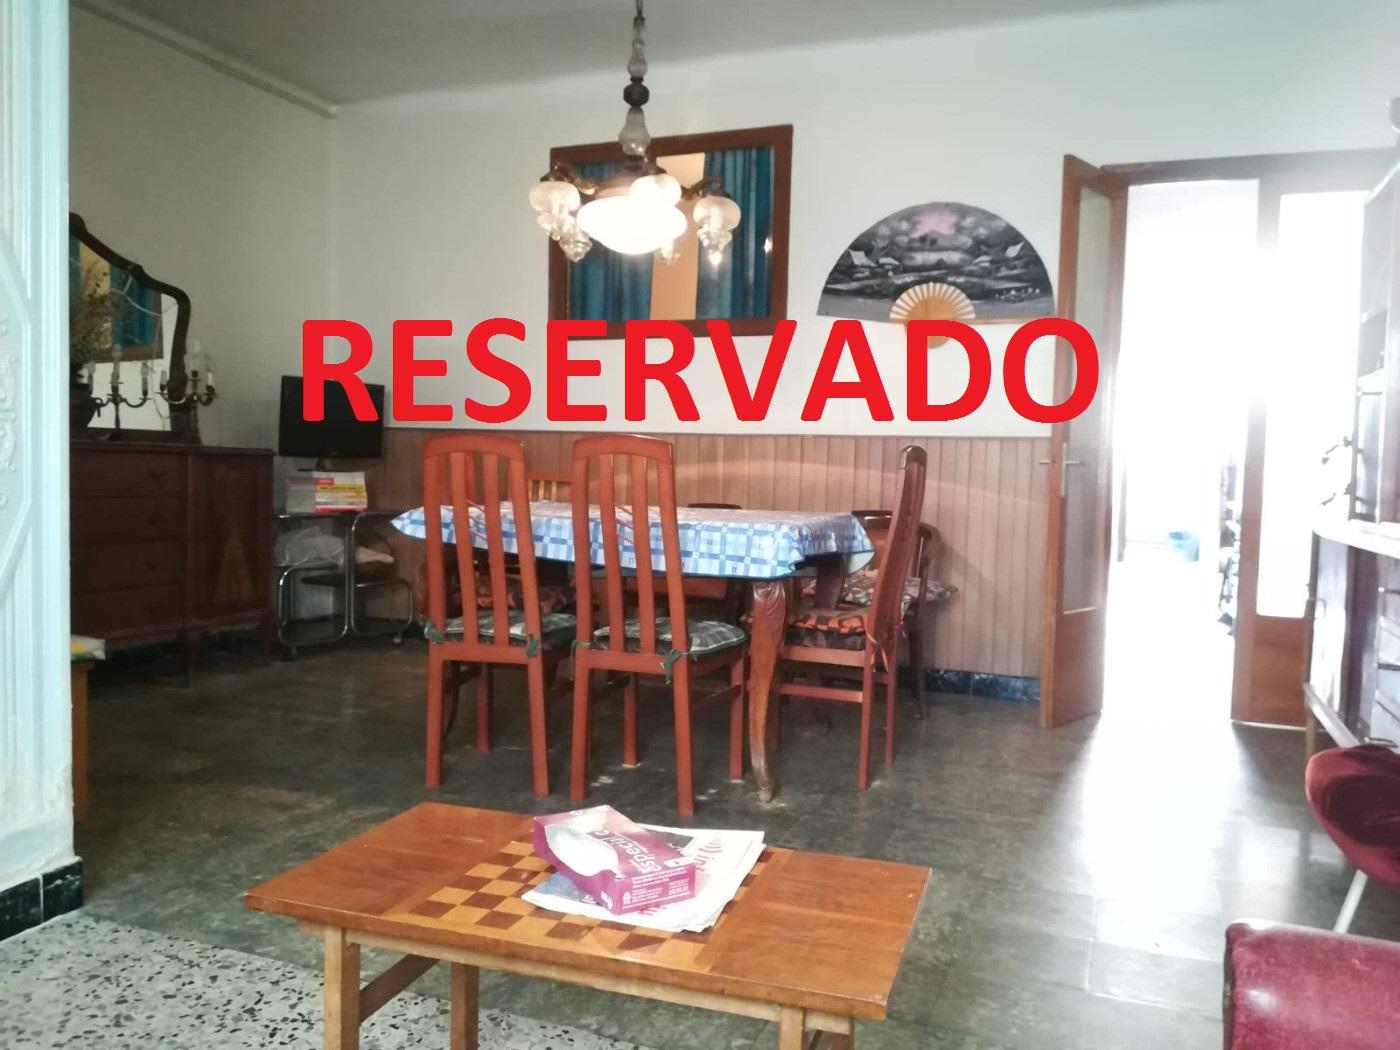 ref.0055 / CREU DE BARBERA / ESPACIOSA CASA Image